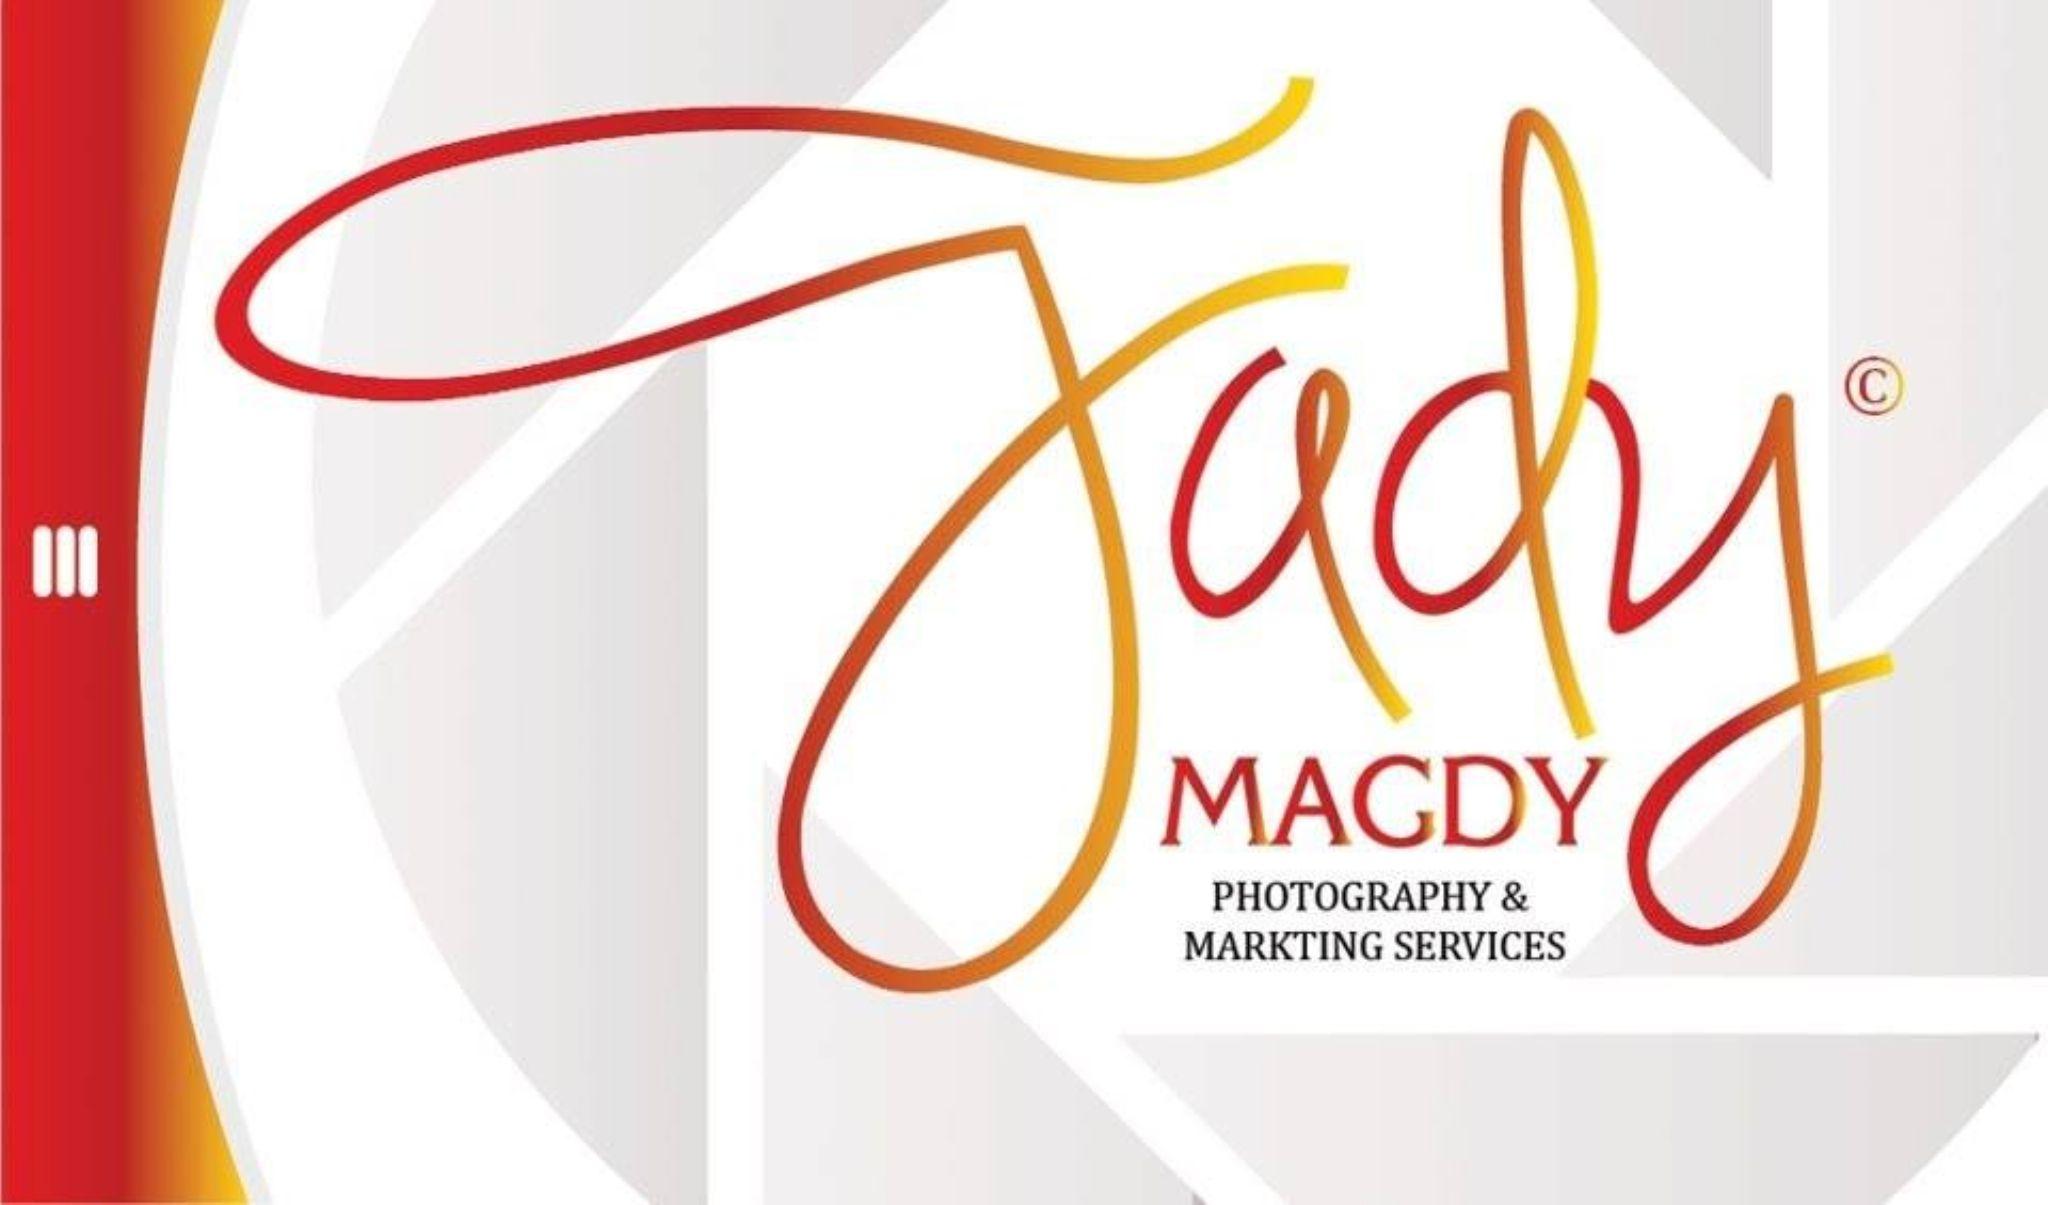 1069393_301729683307700_102637196_n by fady.magdy